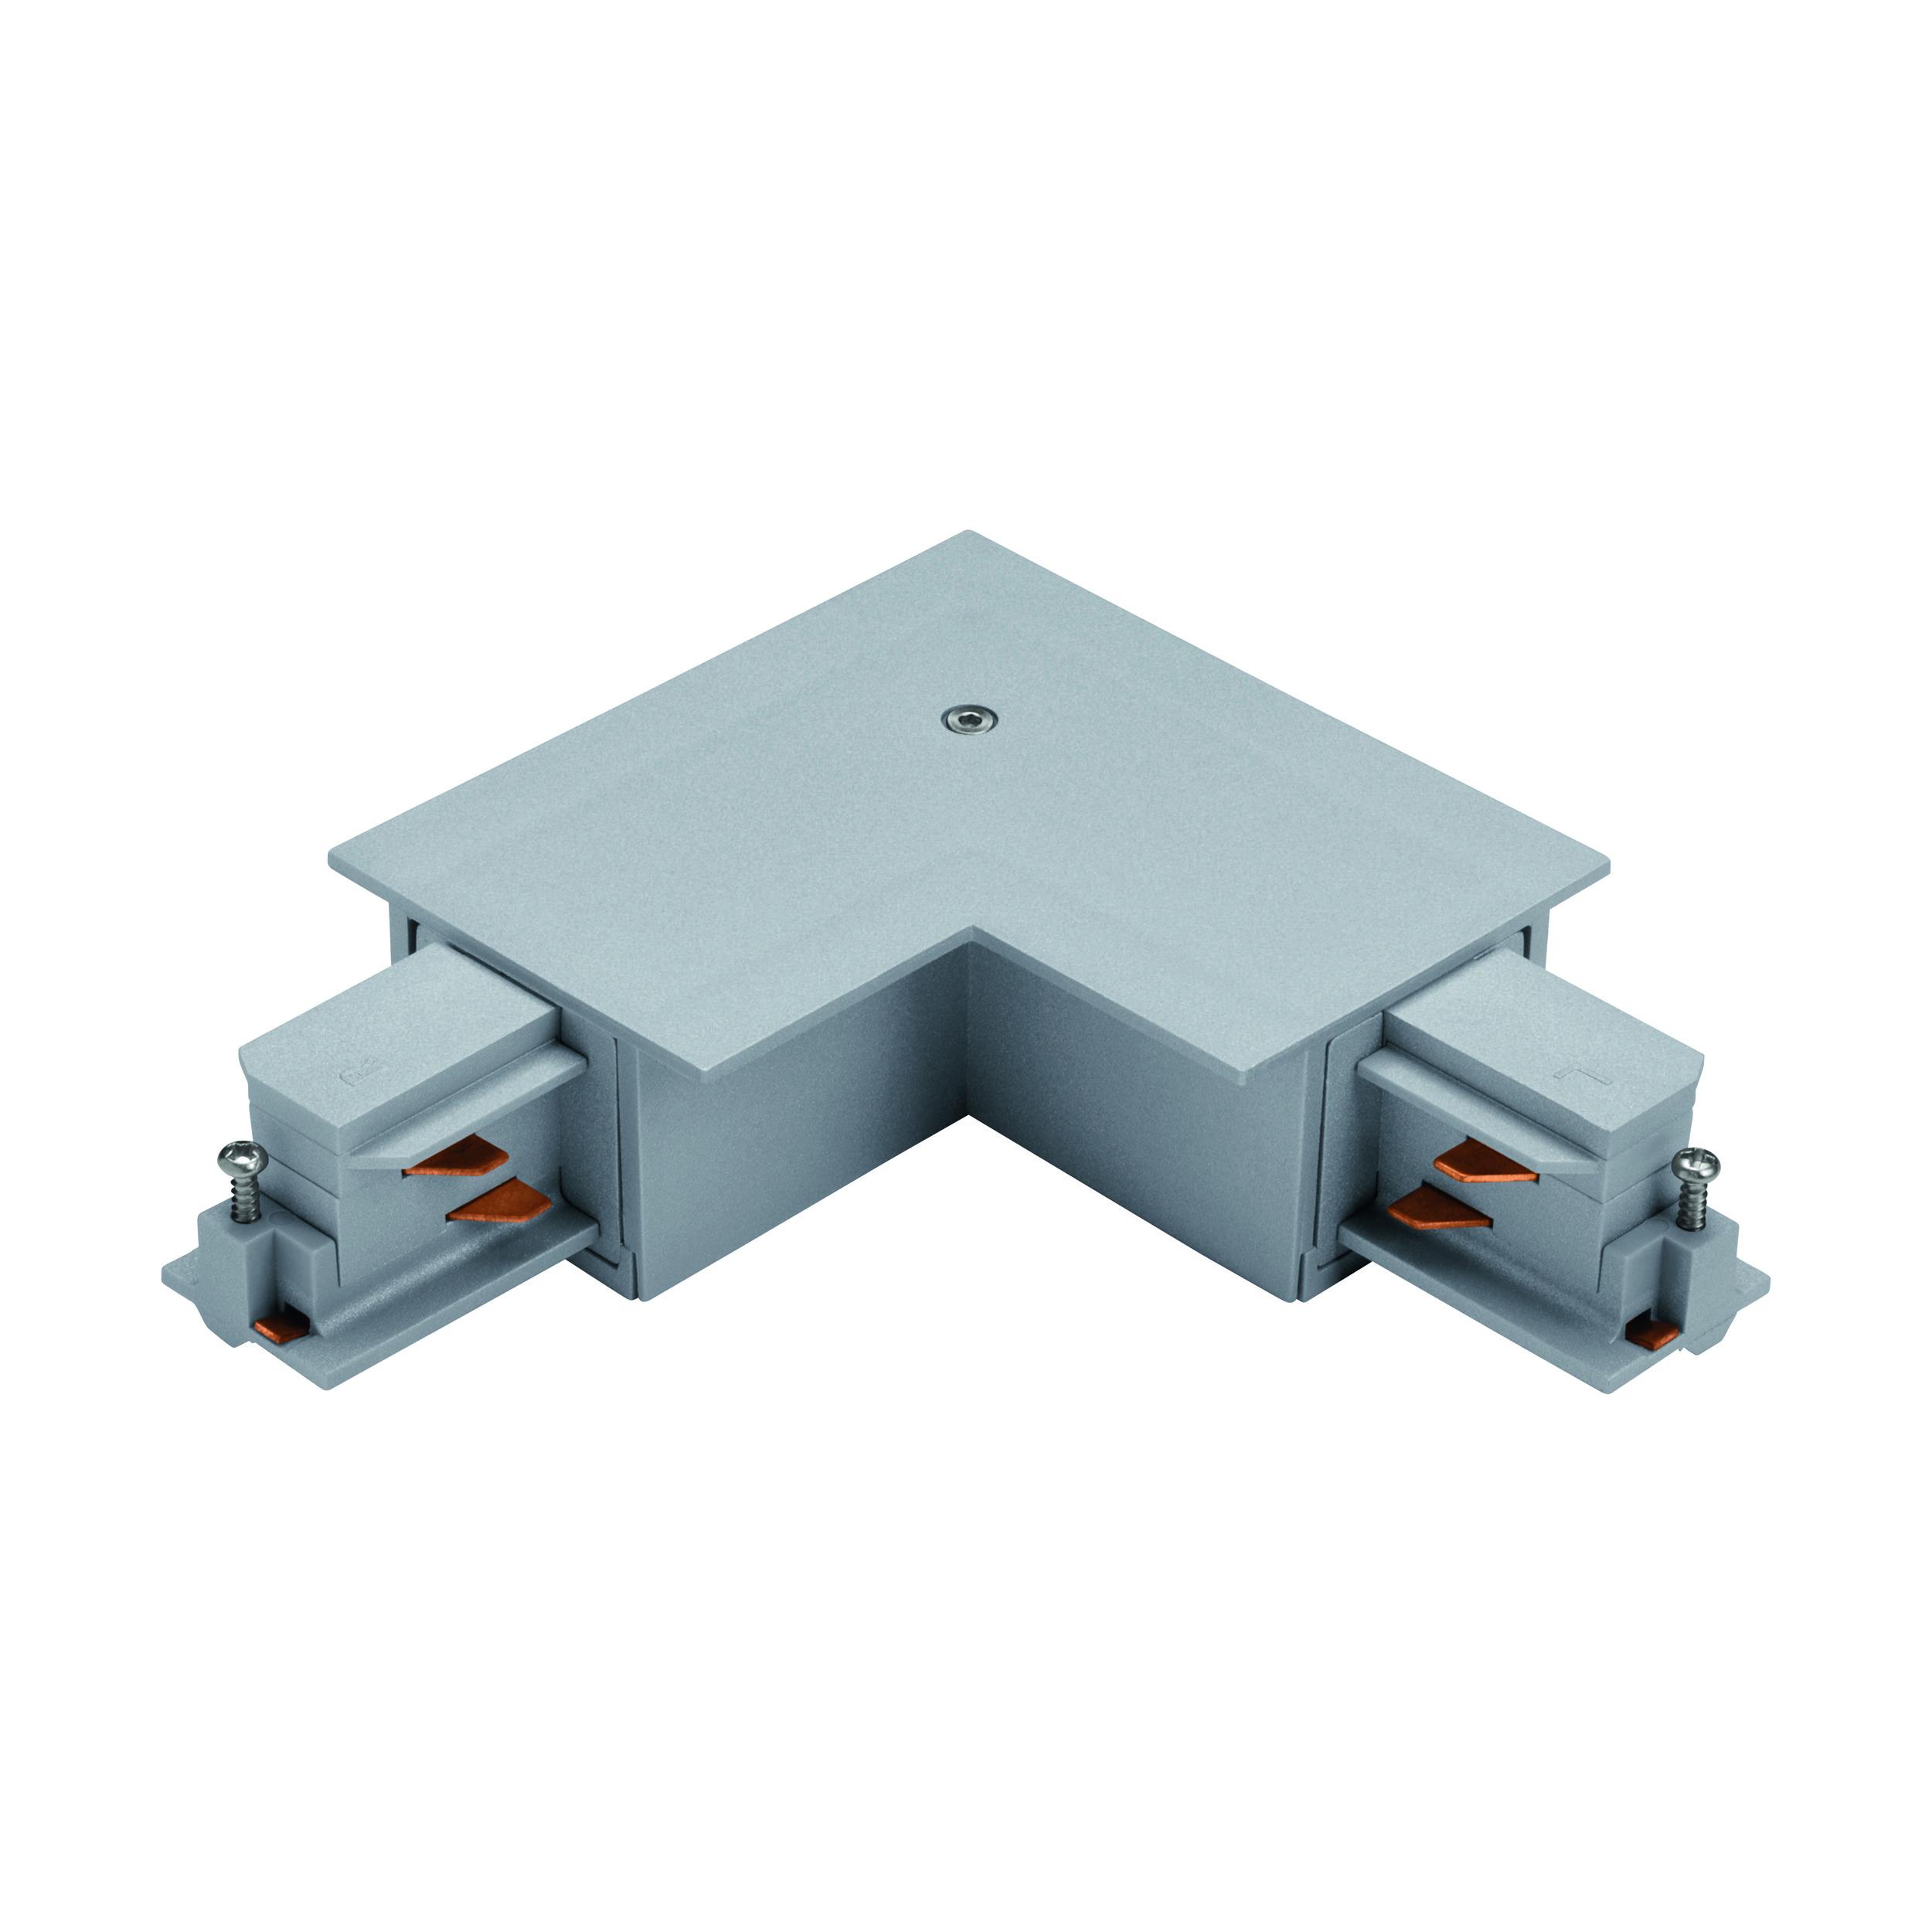 1 Stk 3-Phasen 90° Verbinder Einbau silber, Kunststoff, innen LI60754---